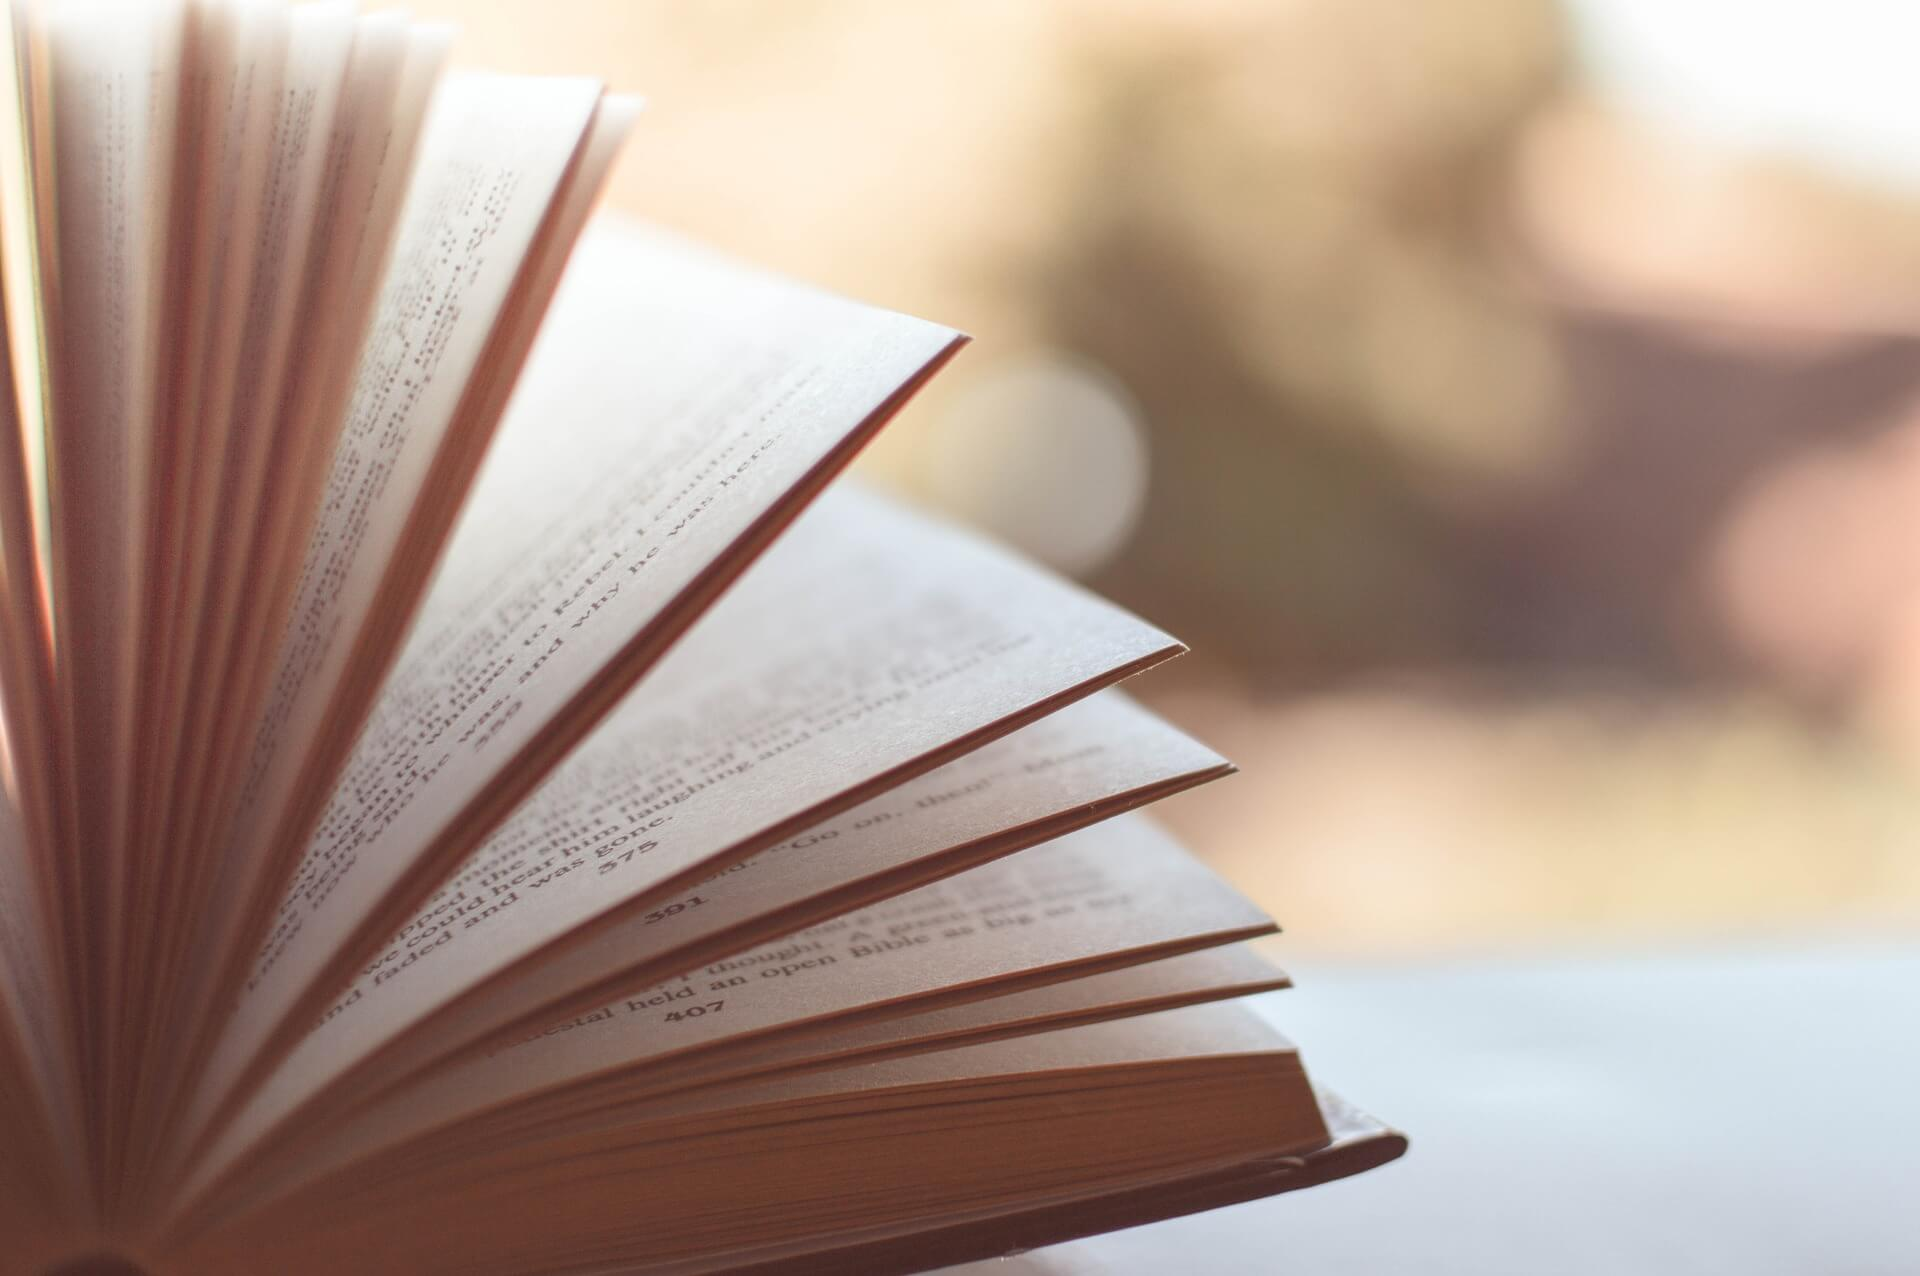 Mijn gelezen boeken in 2019